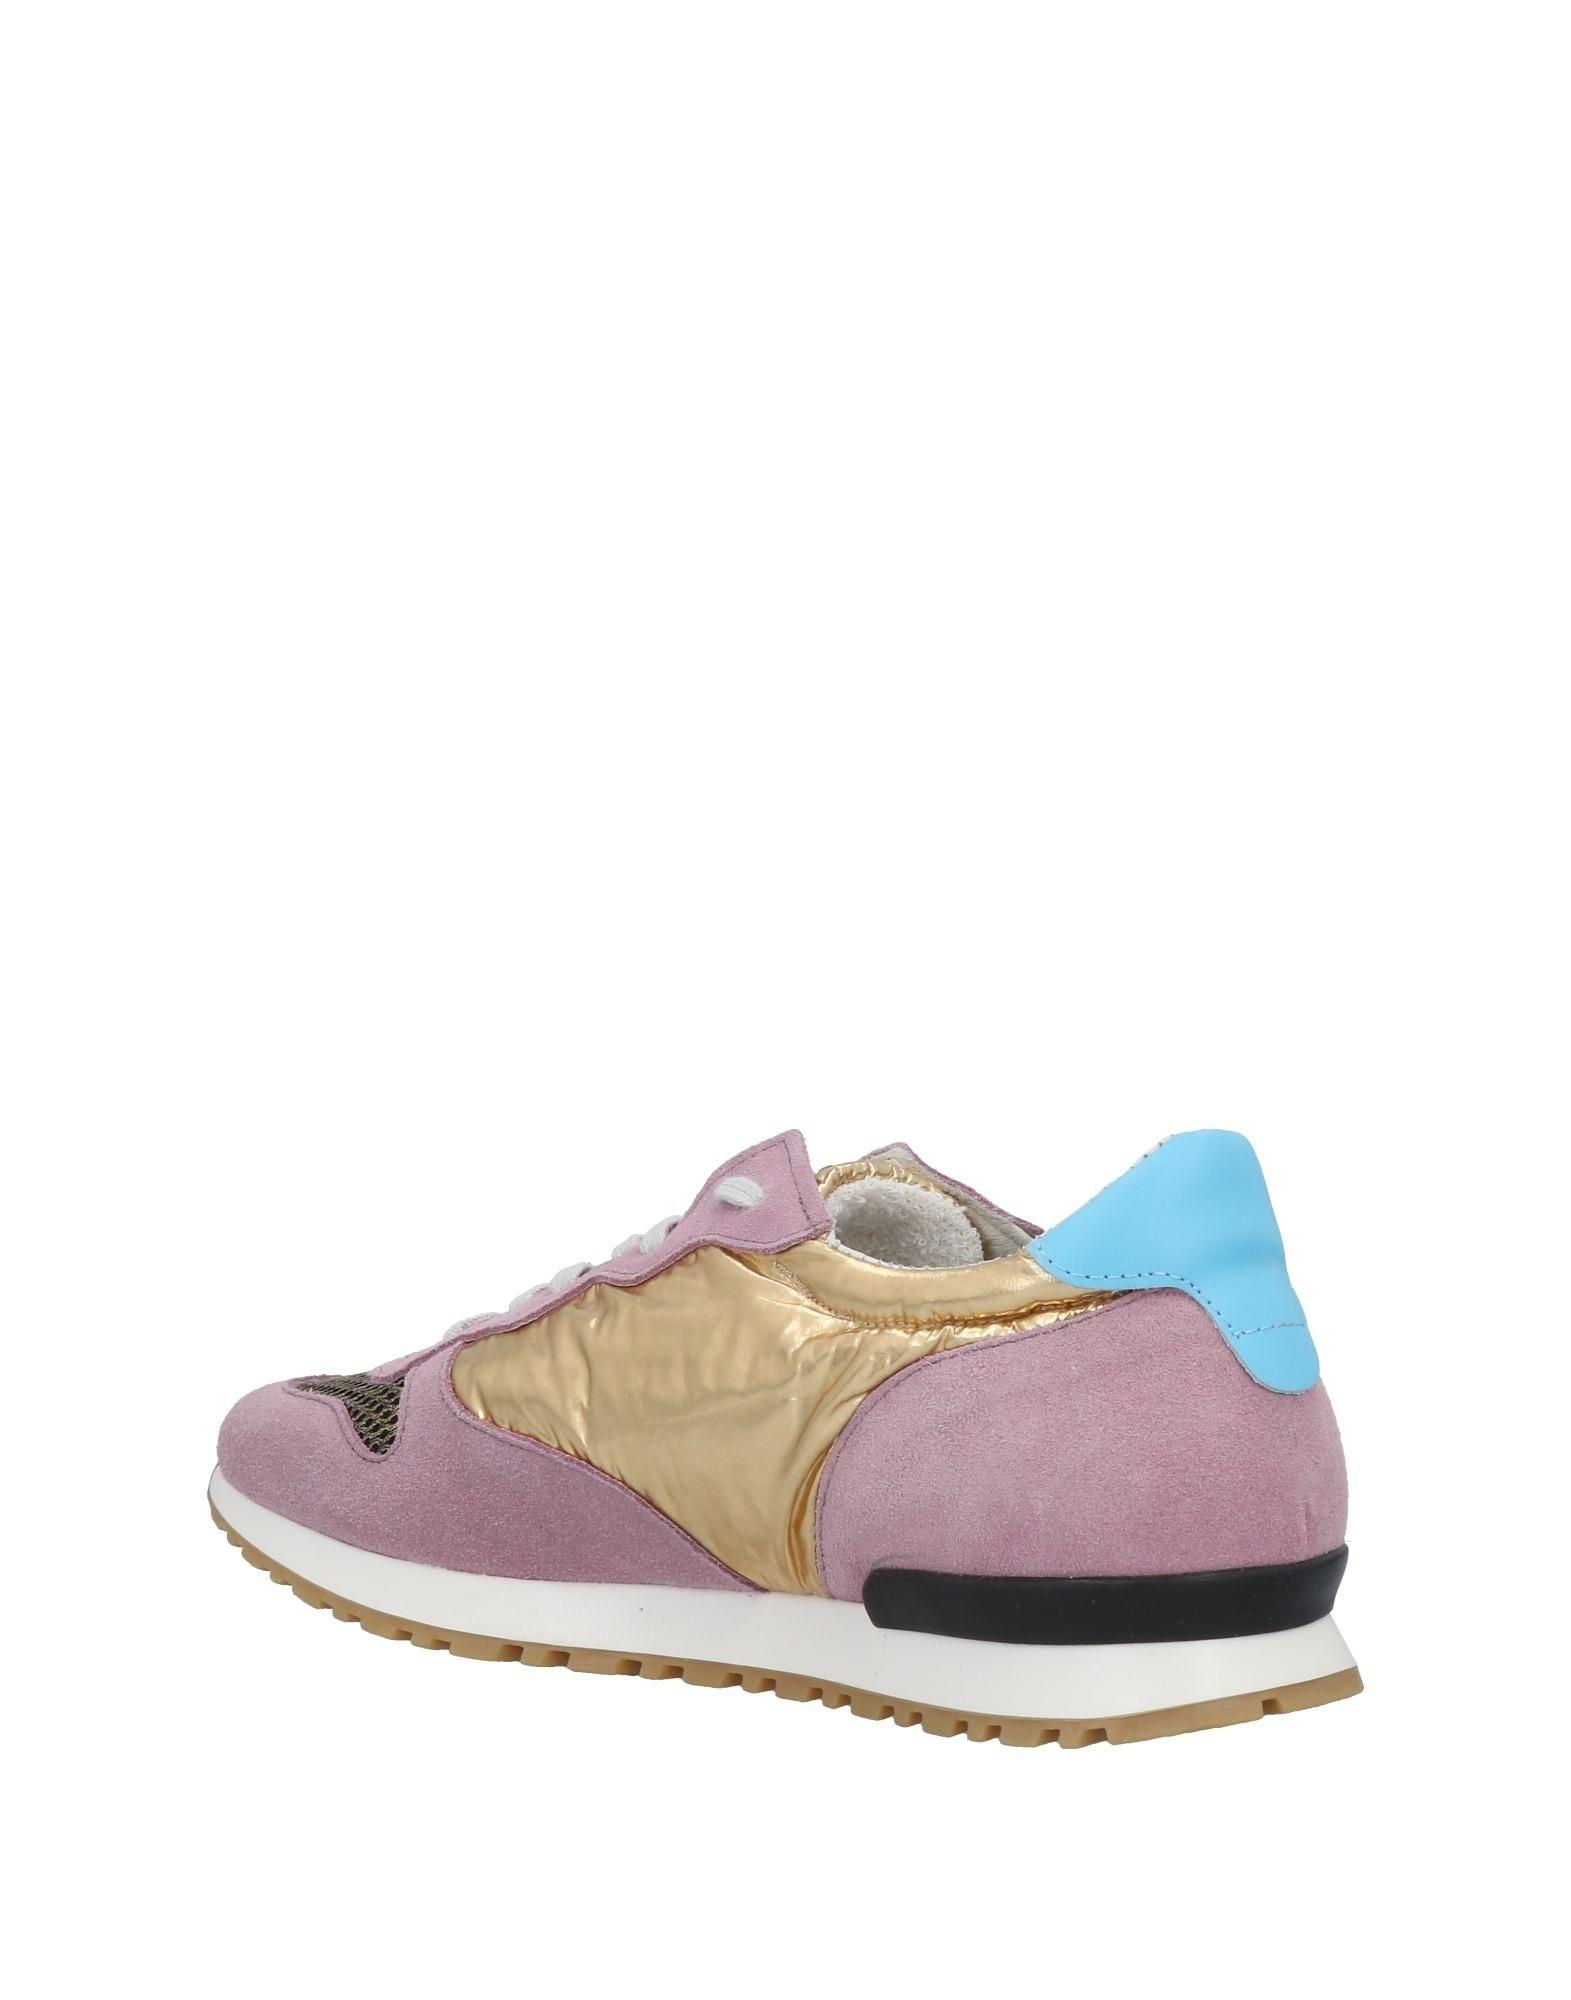 D.A.T.E. Sneakers Gute Damen  11484582NE Gute Sneakers Qualität beliebte Schuhe f3e056